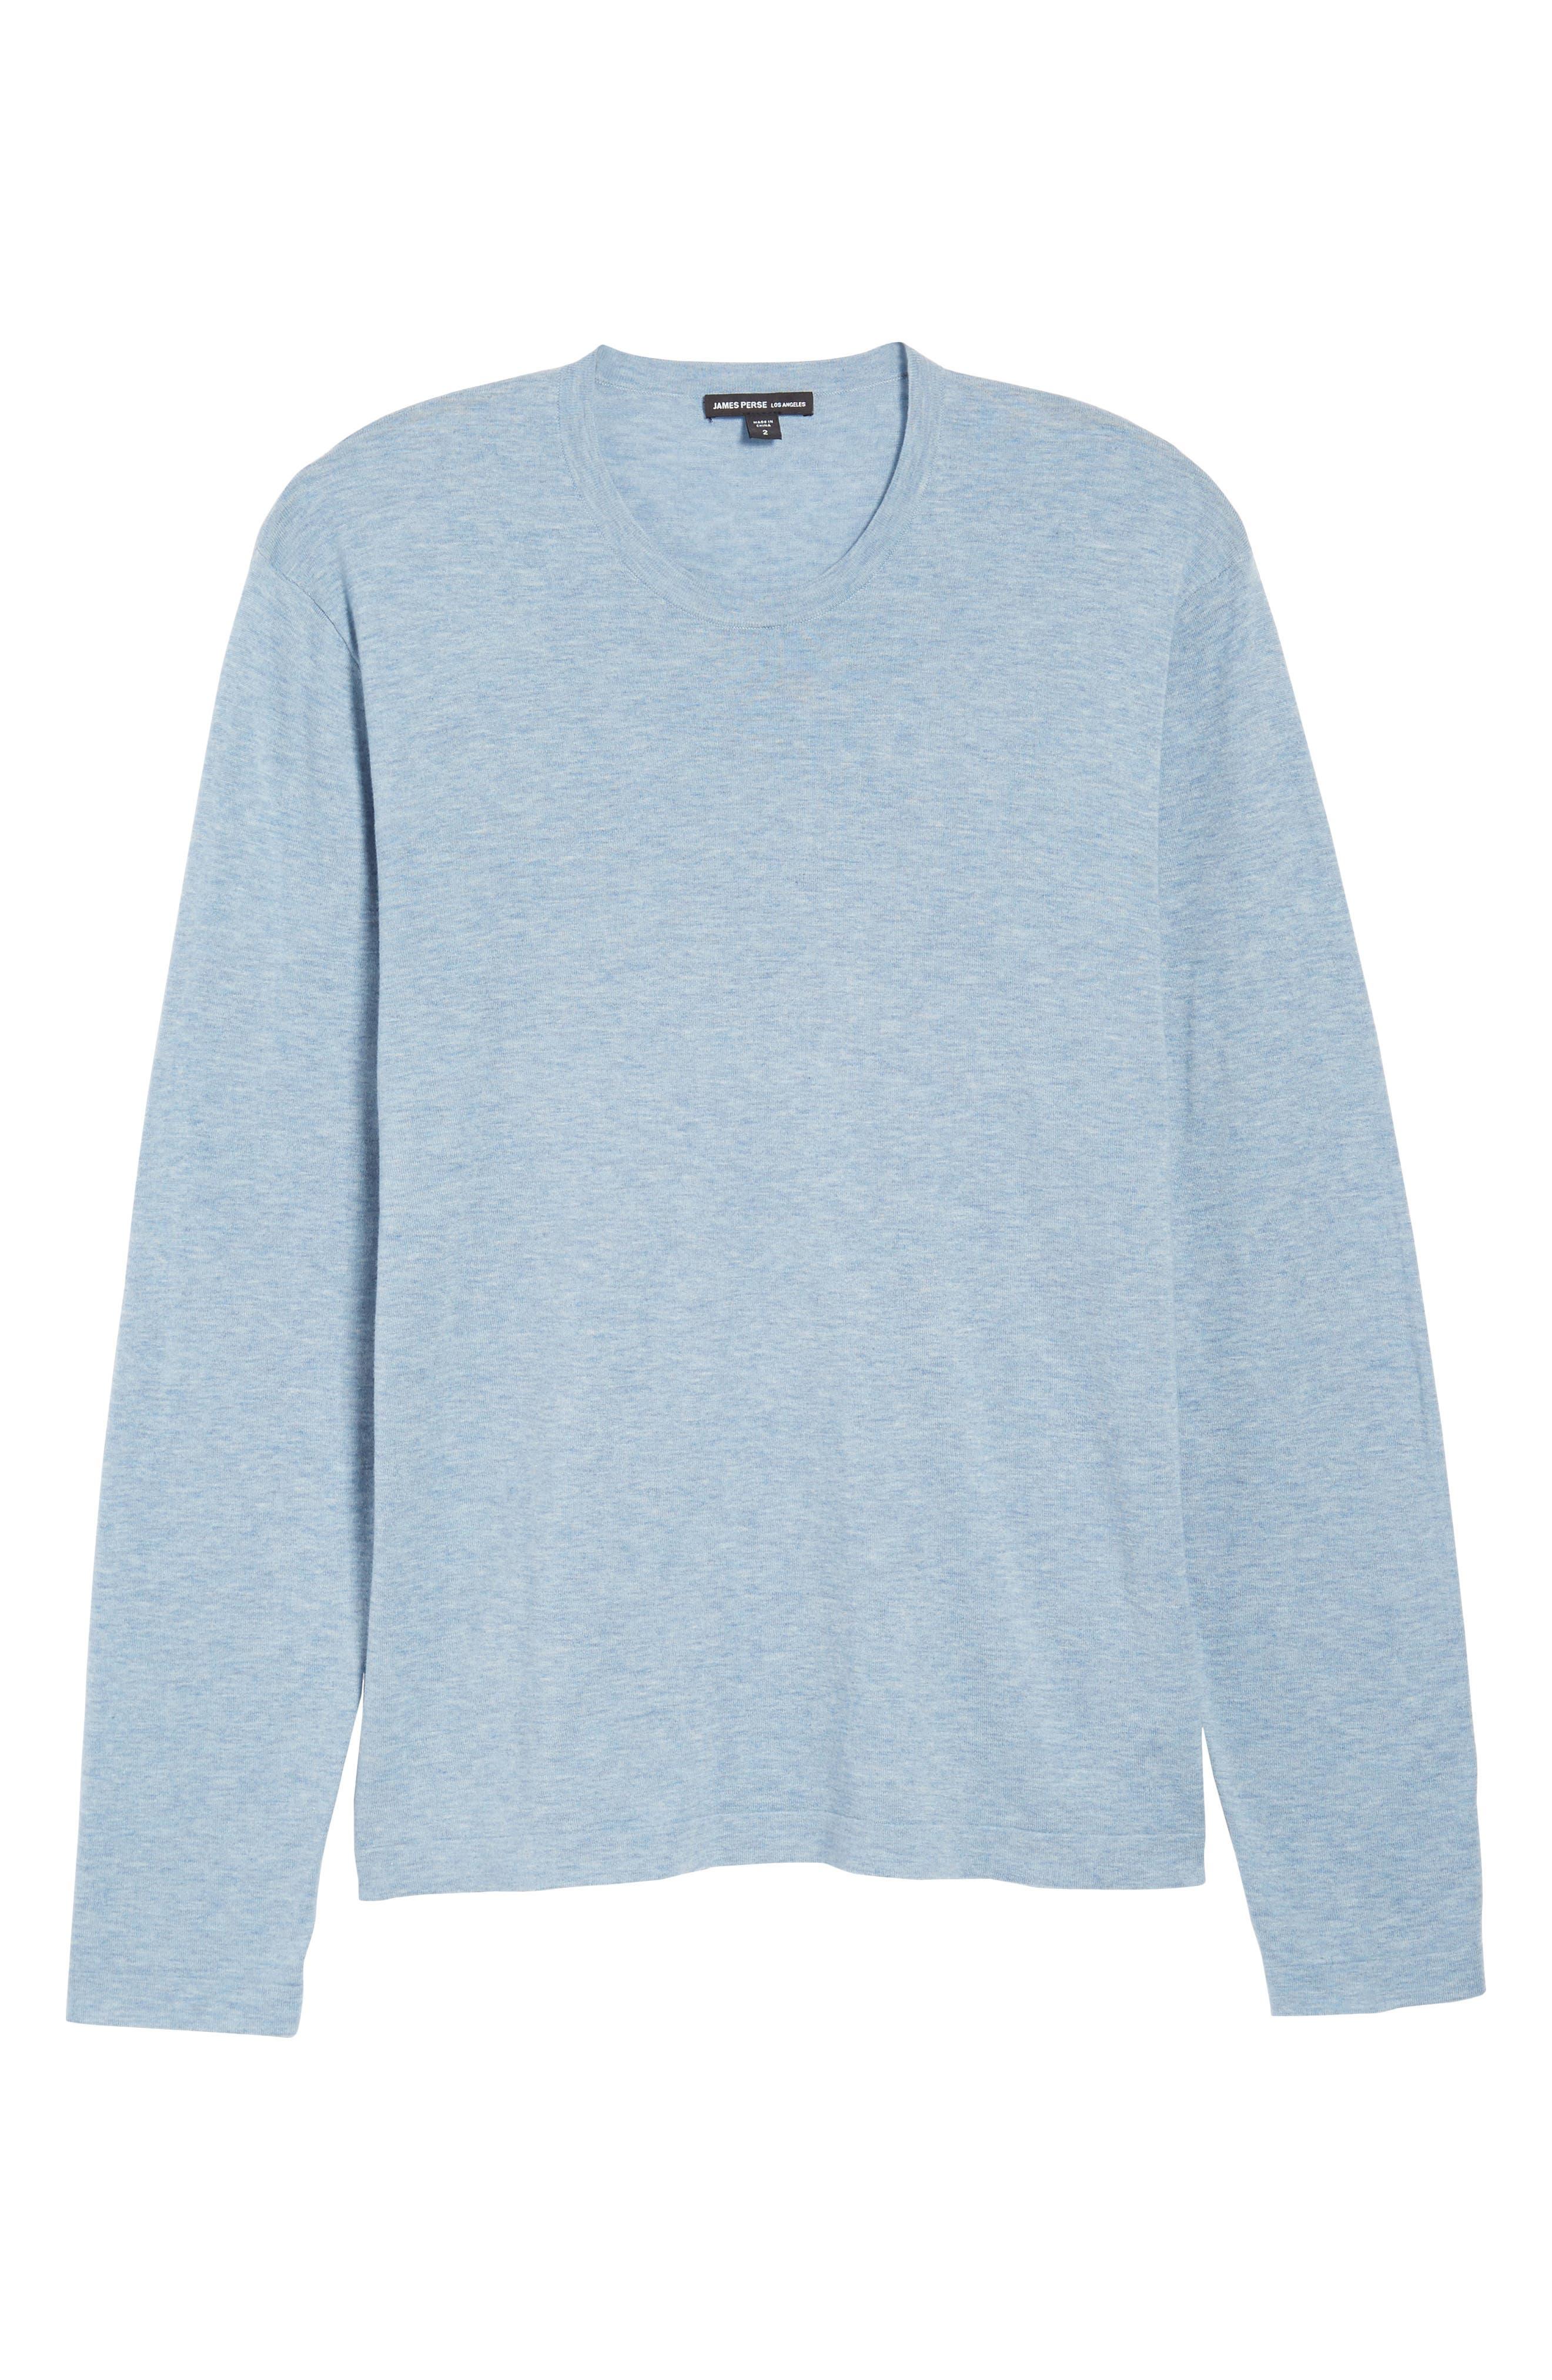 Fine Gauge Crewneck Sweater,                             Alternate thumbnail 6, color,                             Heather Sky Blue